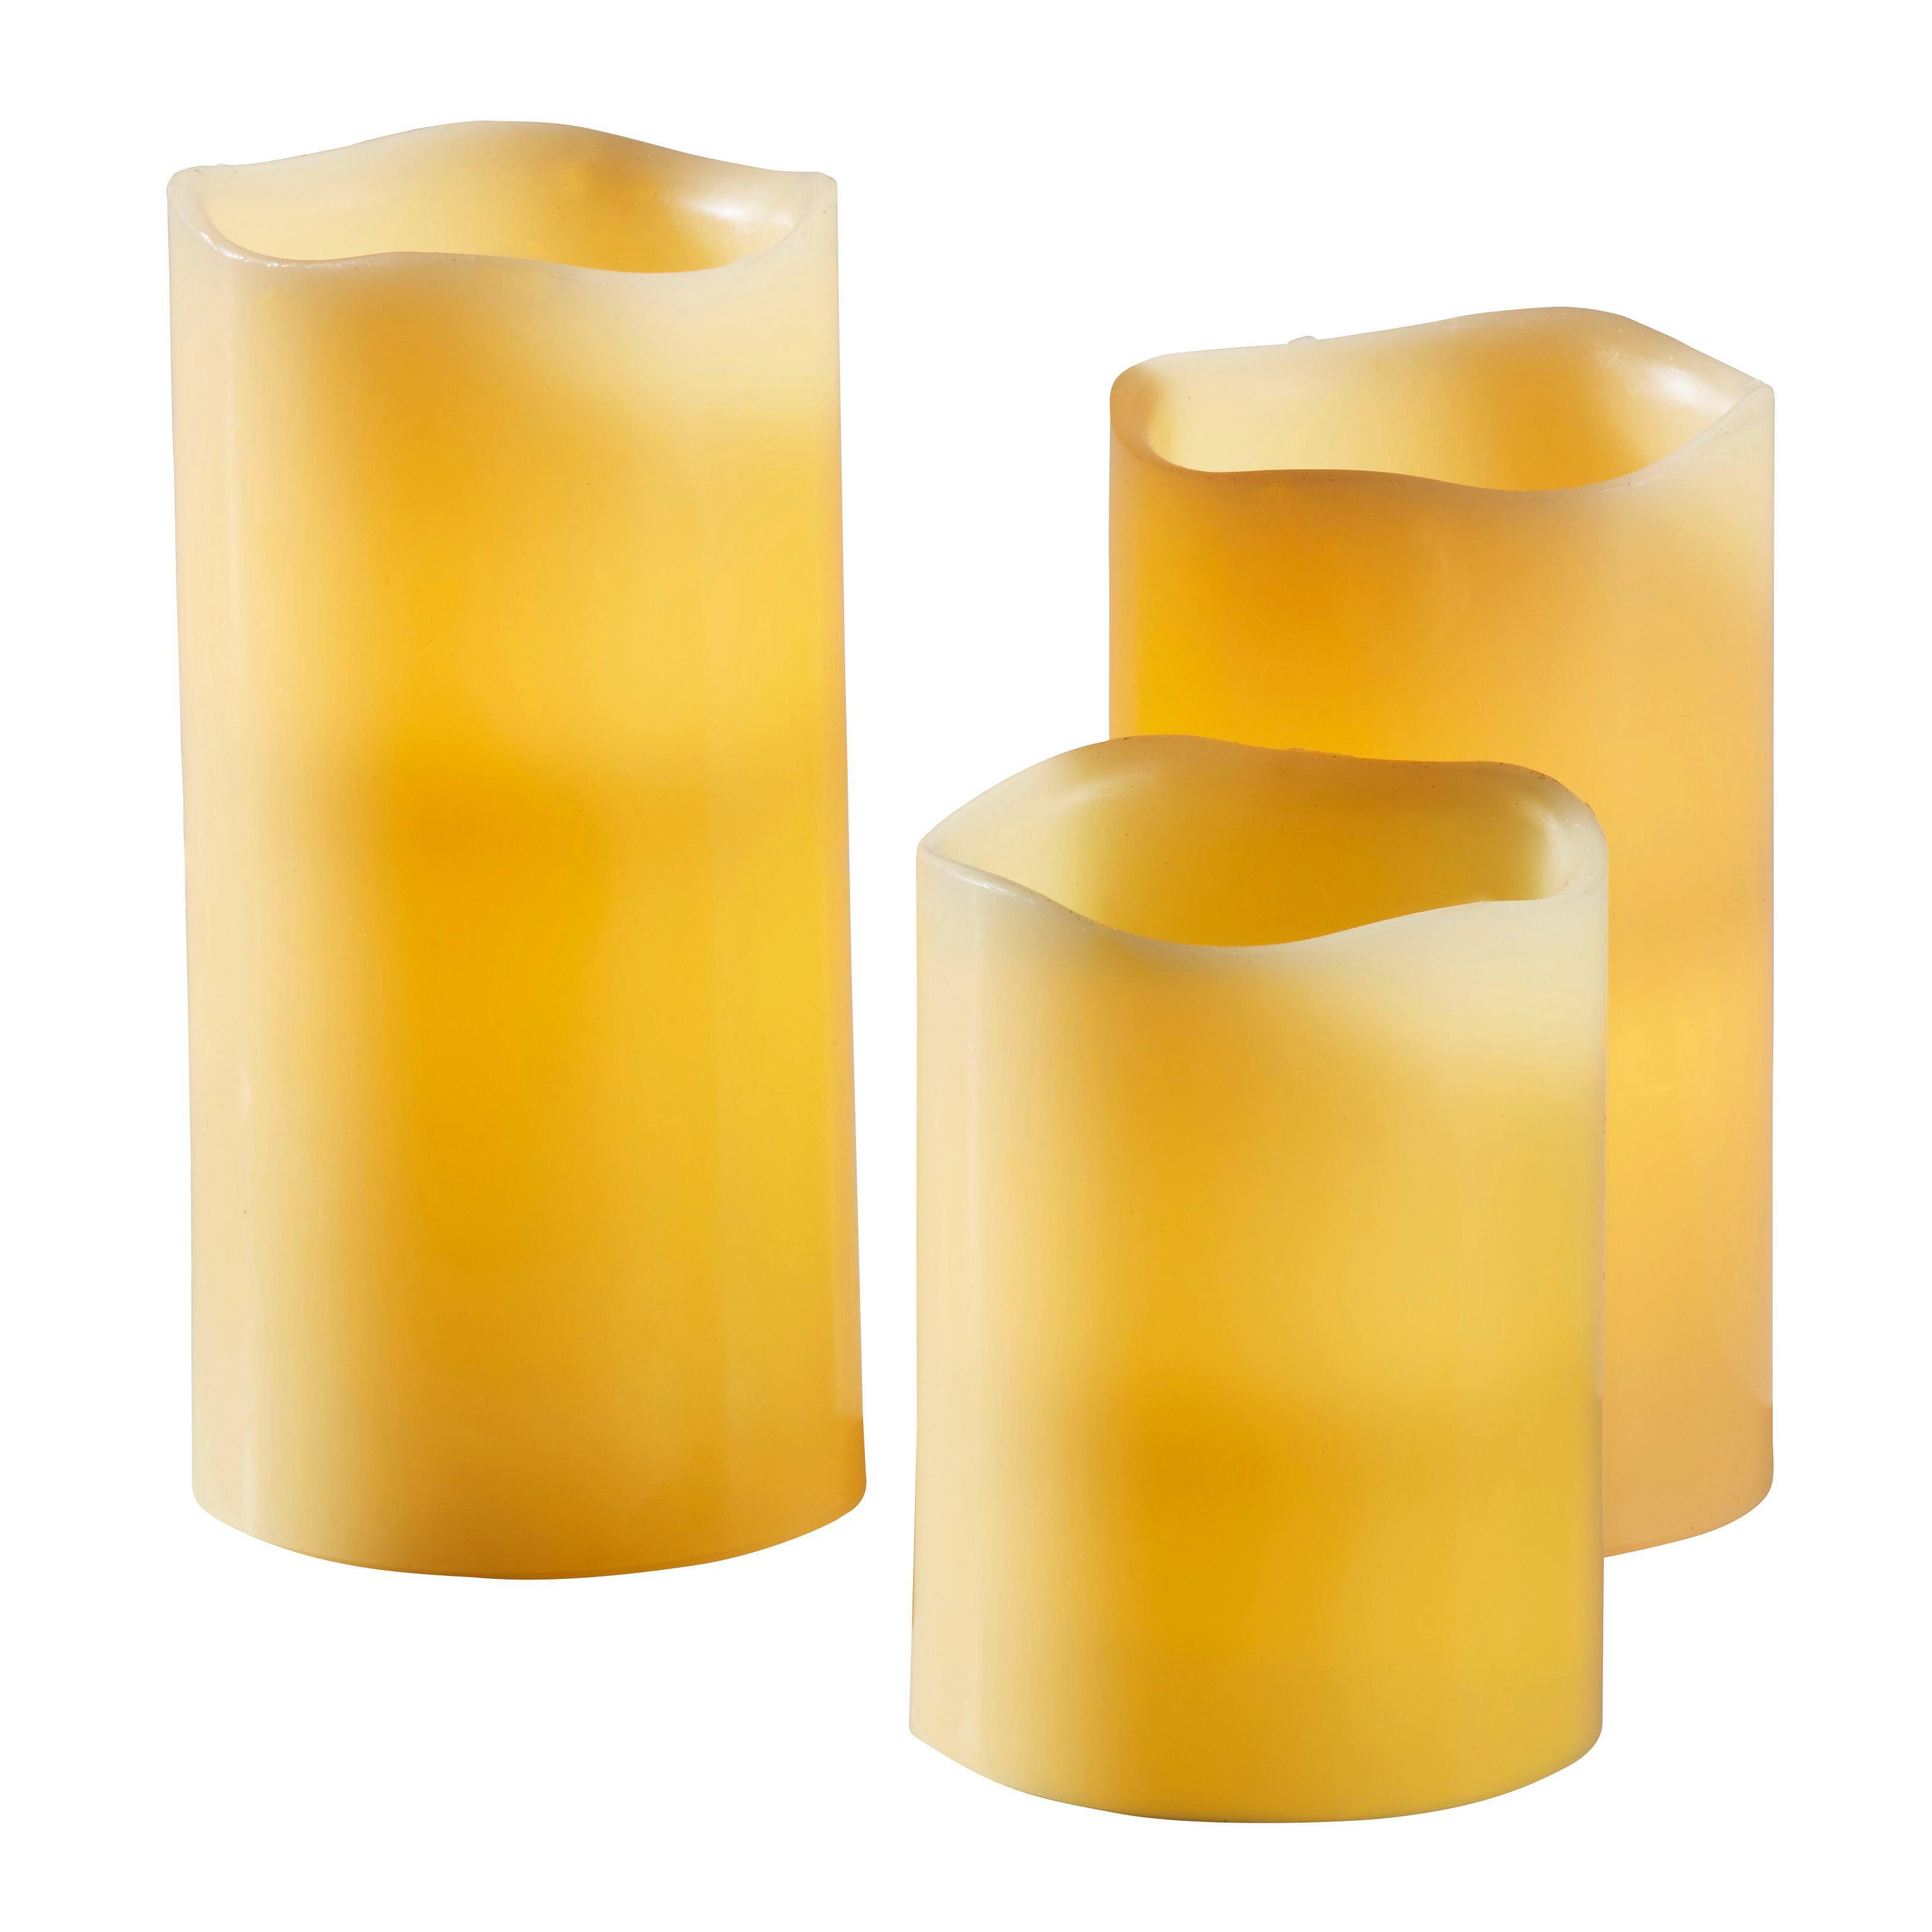 LED-Kerzen Set 3-teilig - Creme, Basics